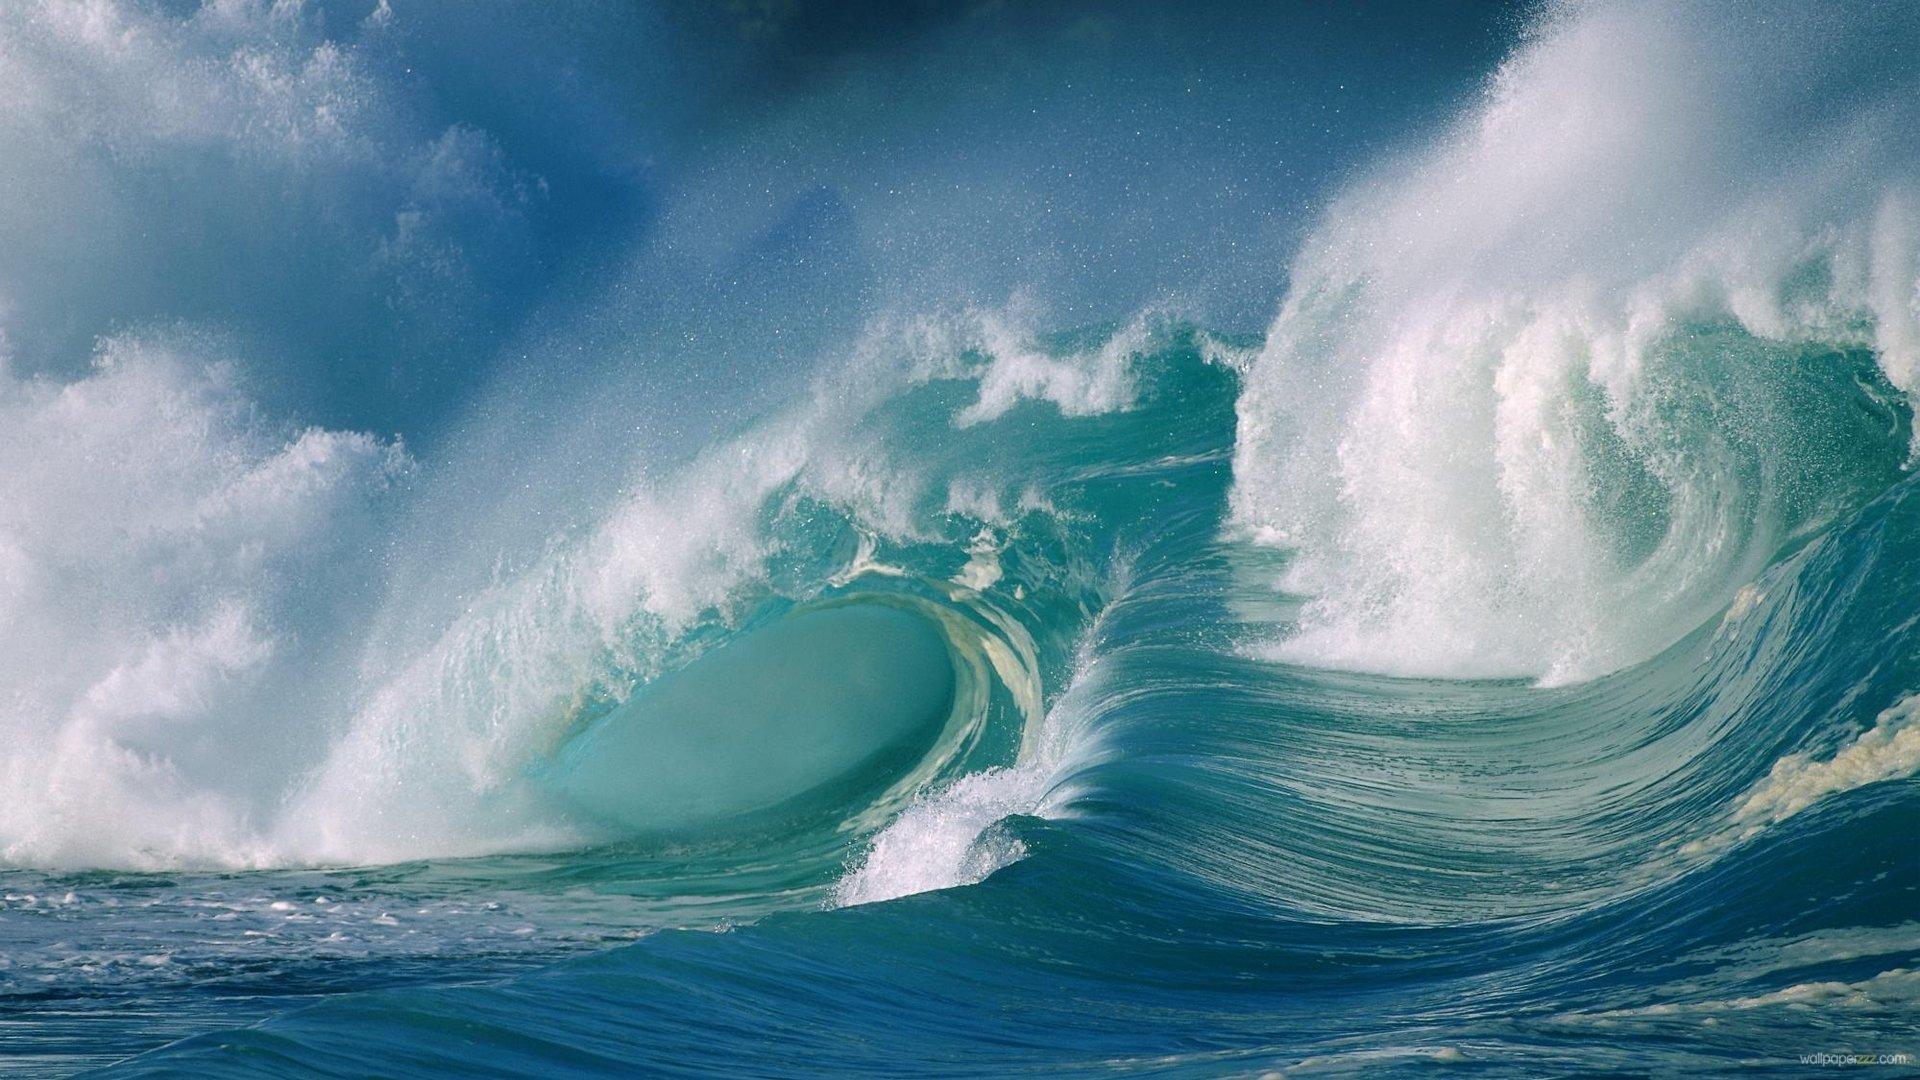 Download Big Wave HD Wallpaper Wallpaper 1920x1080